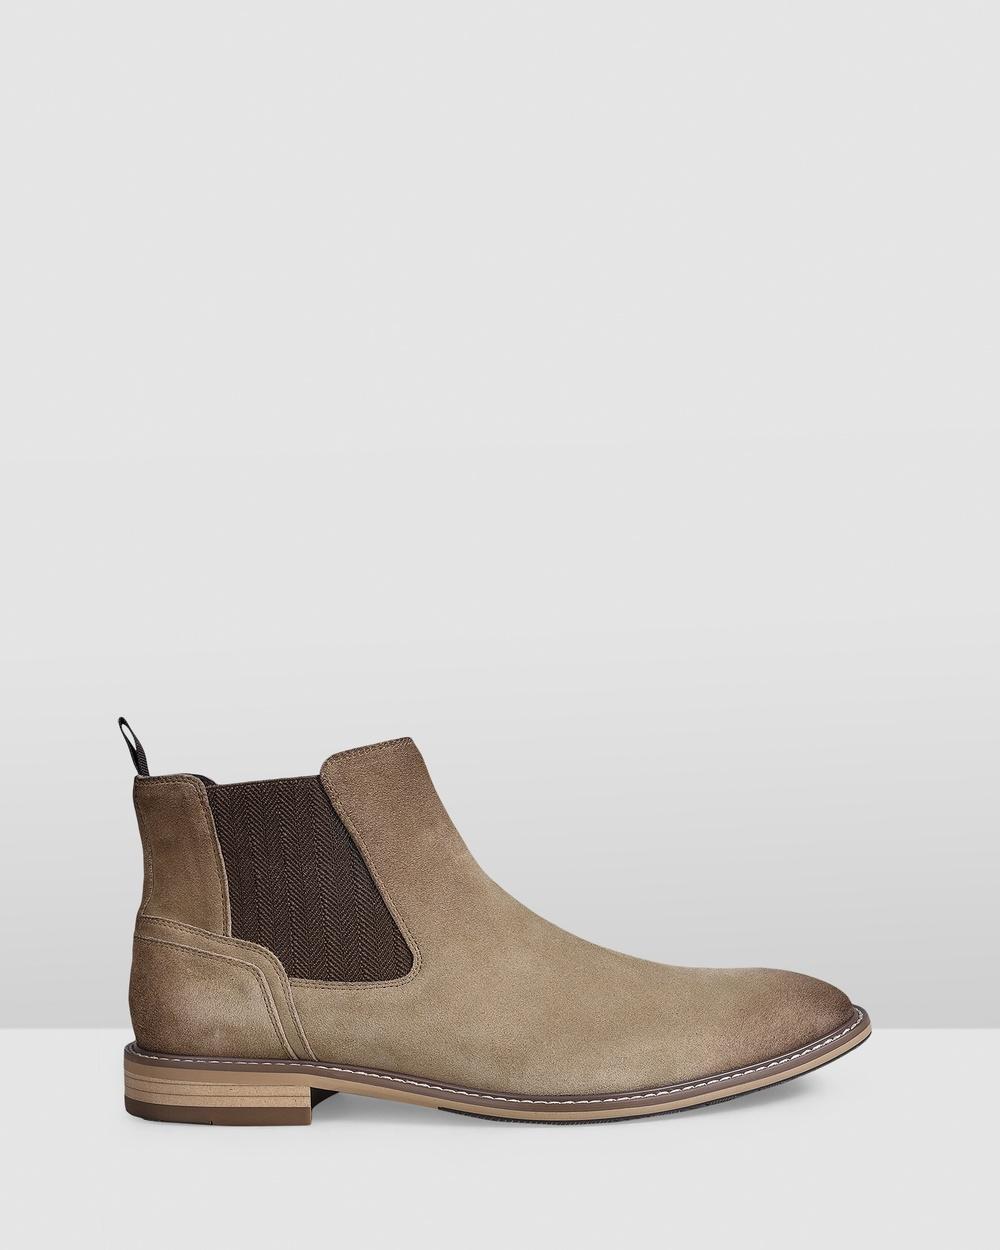 Julius Marlow Brisk Boots Sand Suede